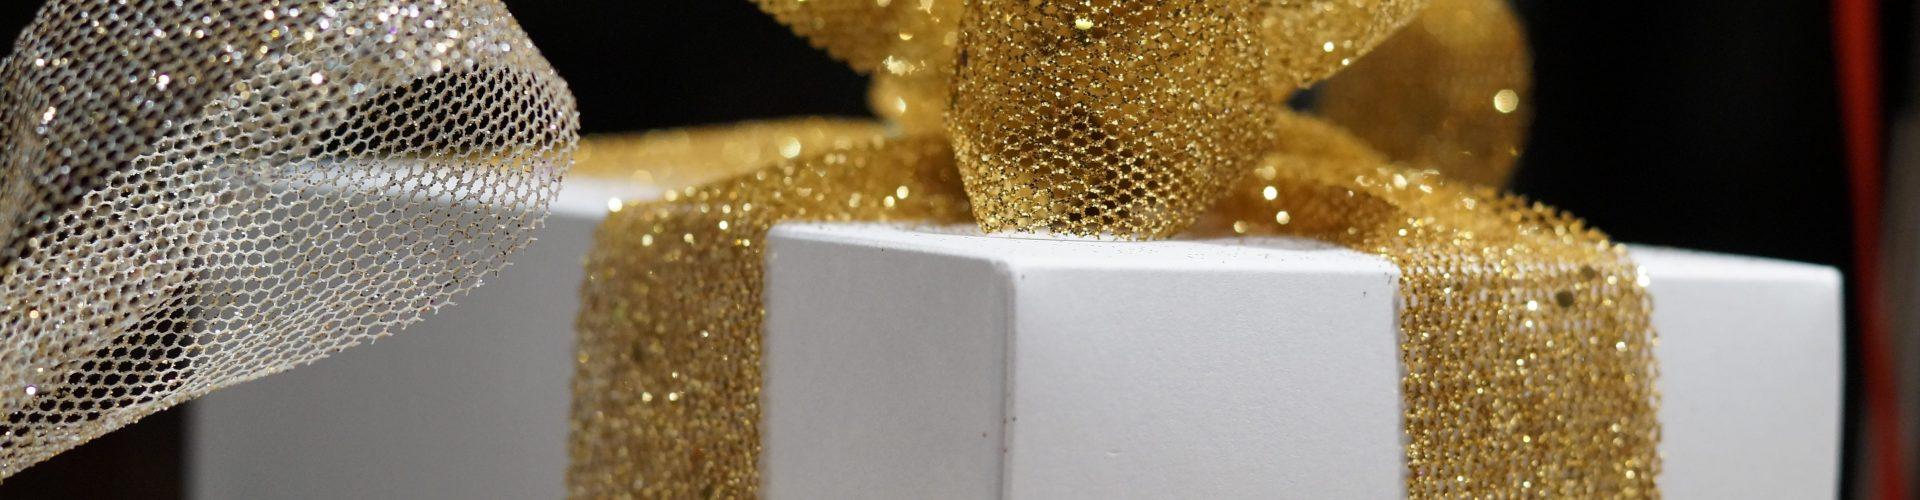 San Valentino idea regalo per lei: Moschino, Tiffany accessori e gioielli